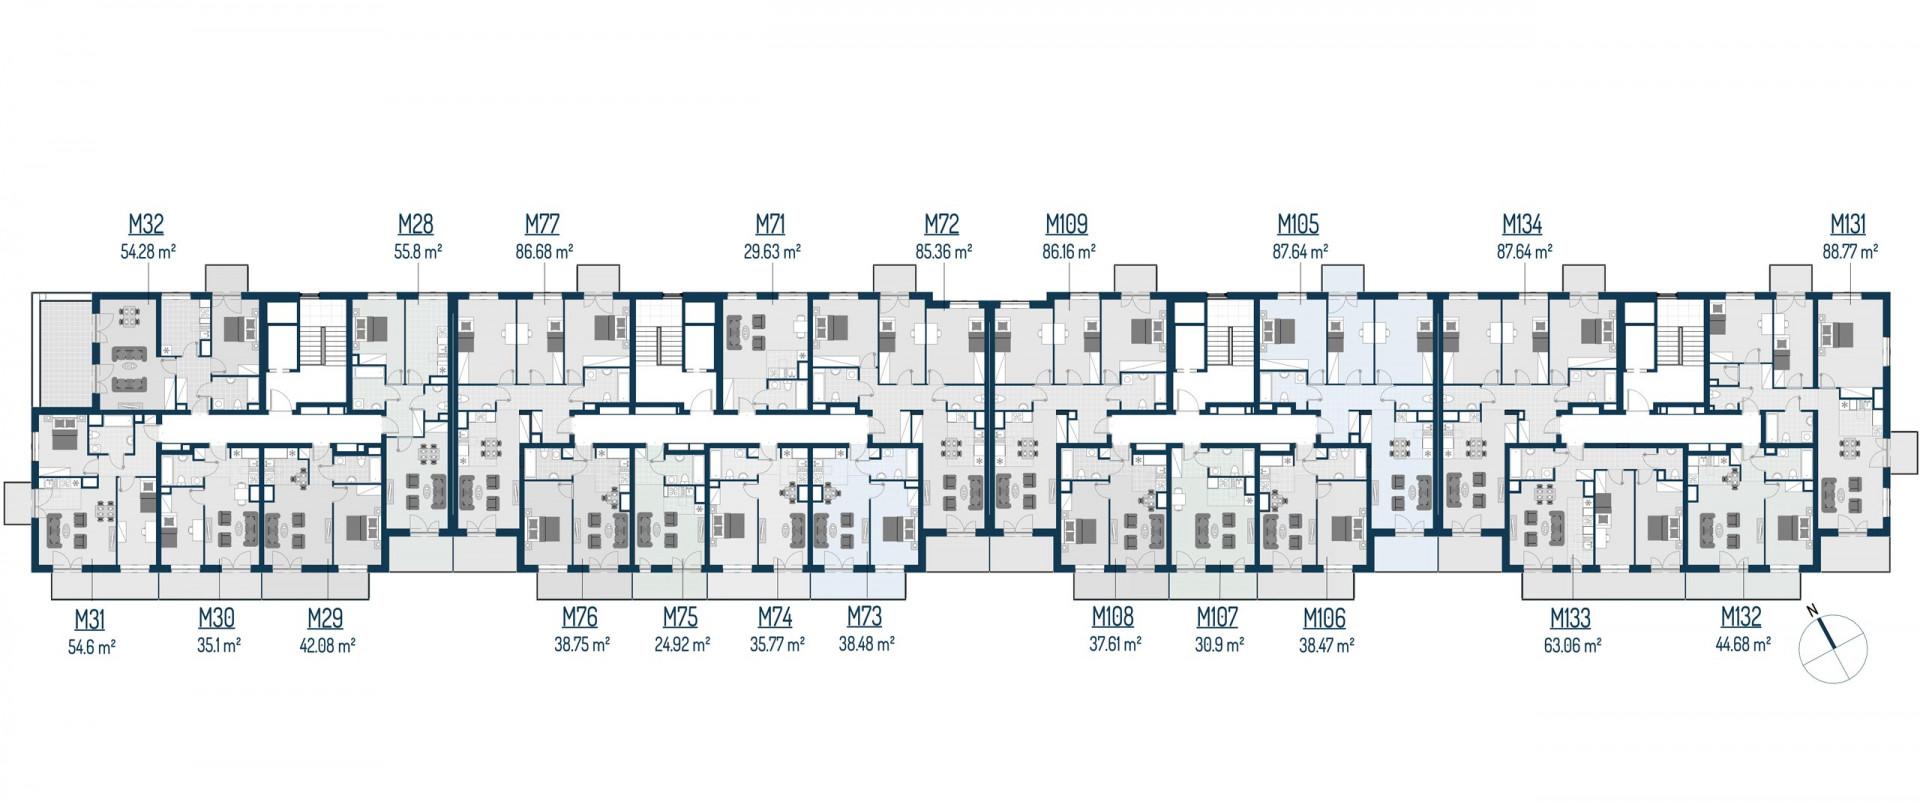 Zdrowe Stylove / budynek 2 / mieszkanie nr 73 rzut 2